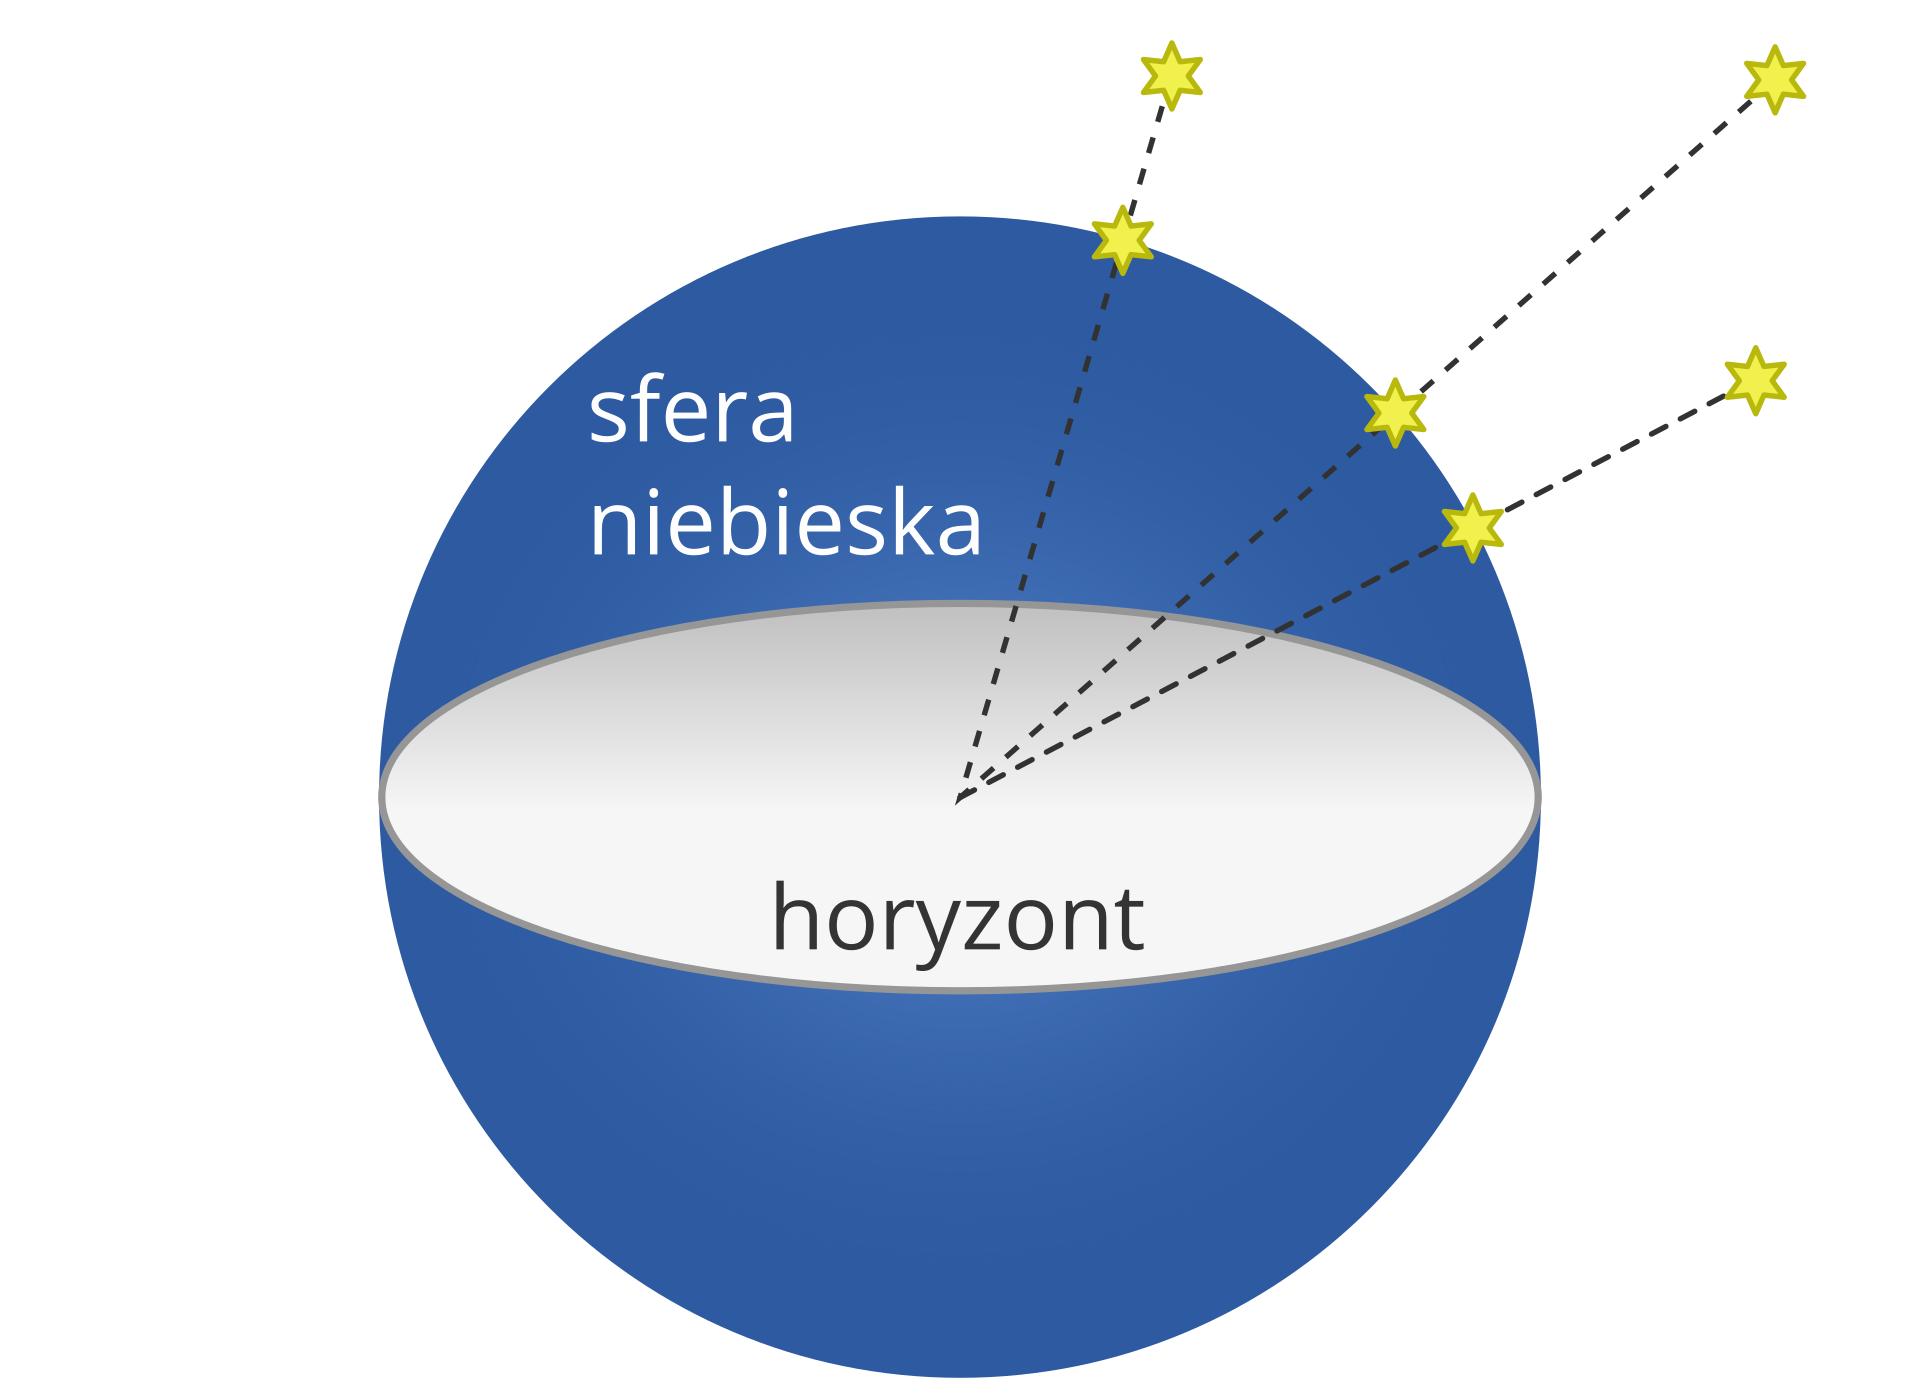 Ciała niebieskie bez względu na swoją rzeczywistą odległość wydają się dla obserwatora znajdującego się na Ziemi leżeć wstałej do niego odległości – na powierzchni sfery niebieskiej